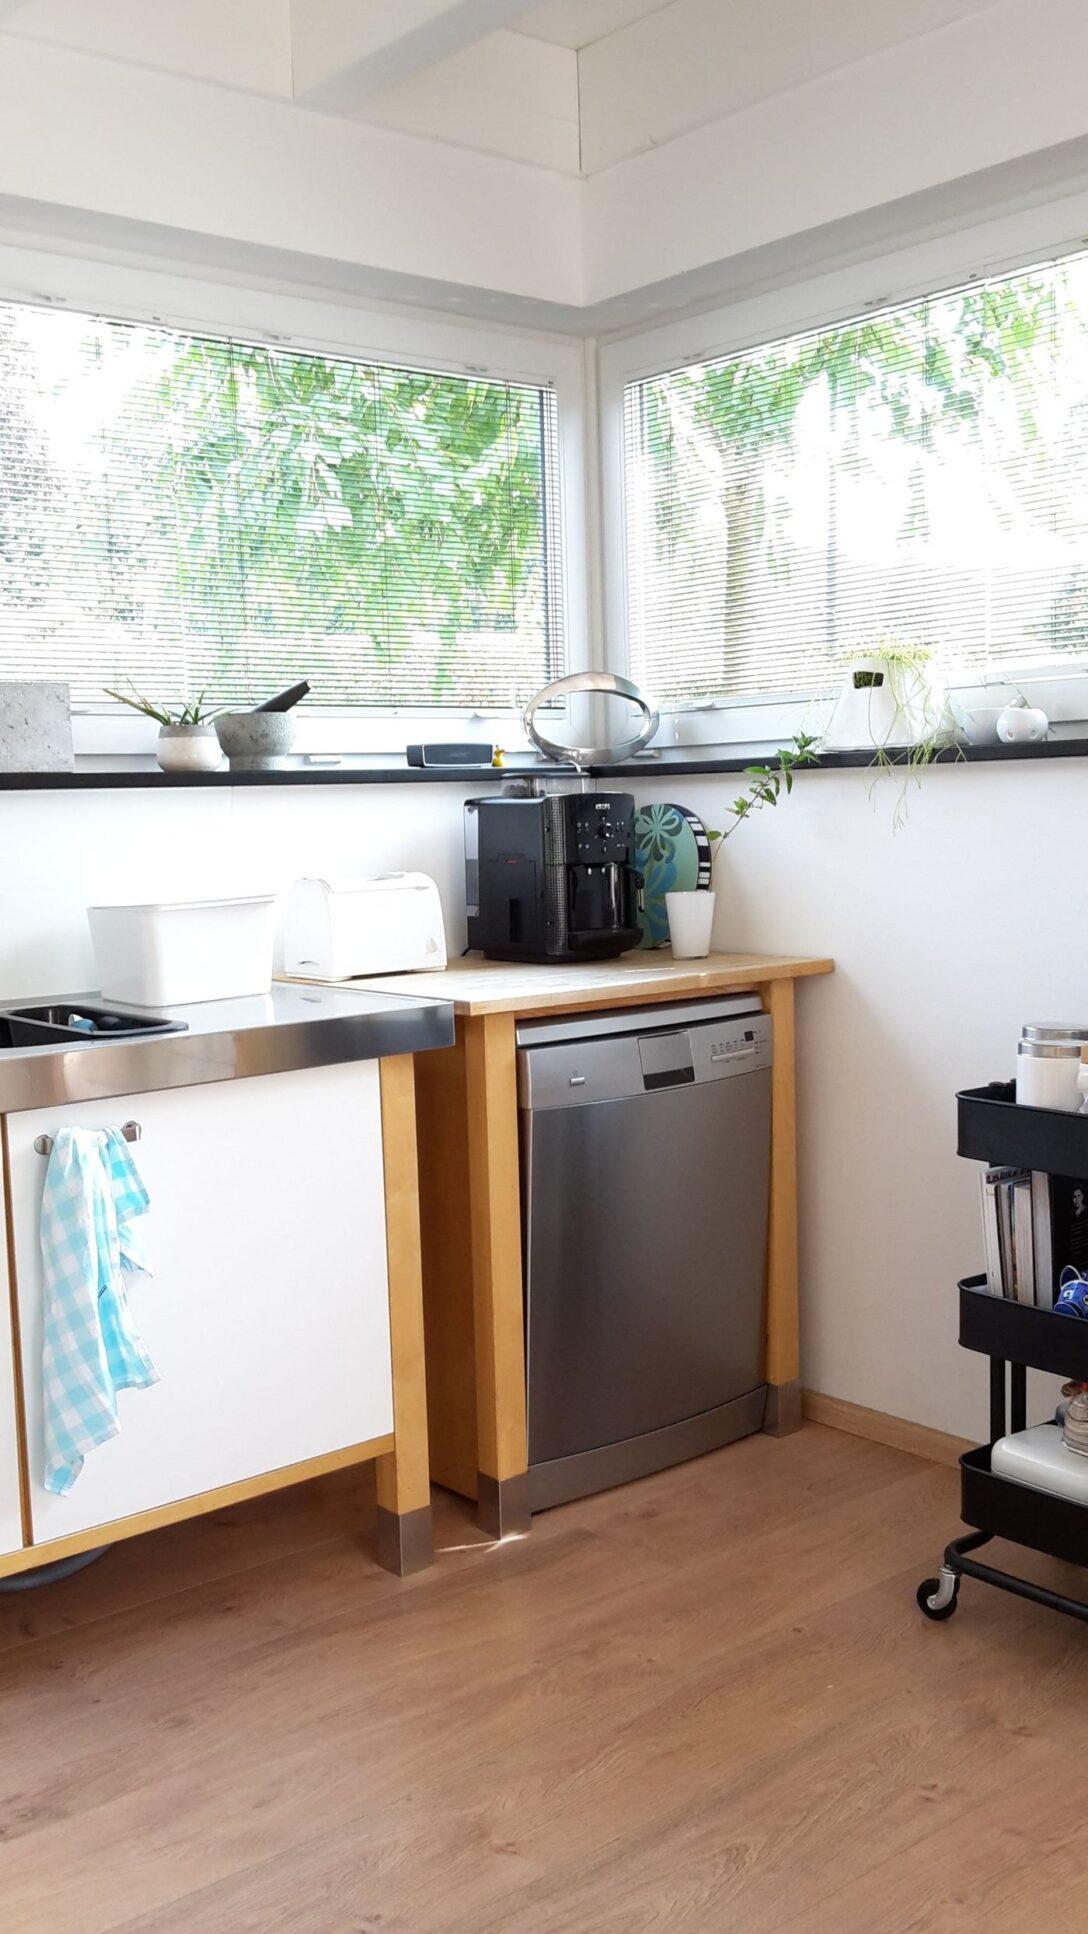 Large Size of Schne Ideen Fr Das Ikea Vrde System Kche Seite 4 Teppich Für Küche Kleine Einbauküche Tapete Holzofen Arbeitsplatte Finanzieren Lieferzeit Gebrauchte Wohnzimmer Värde Küche